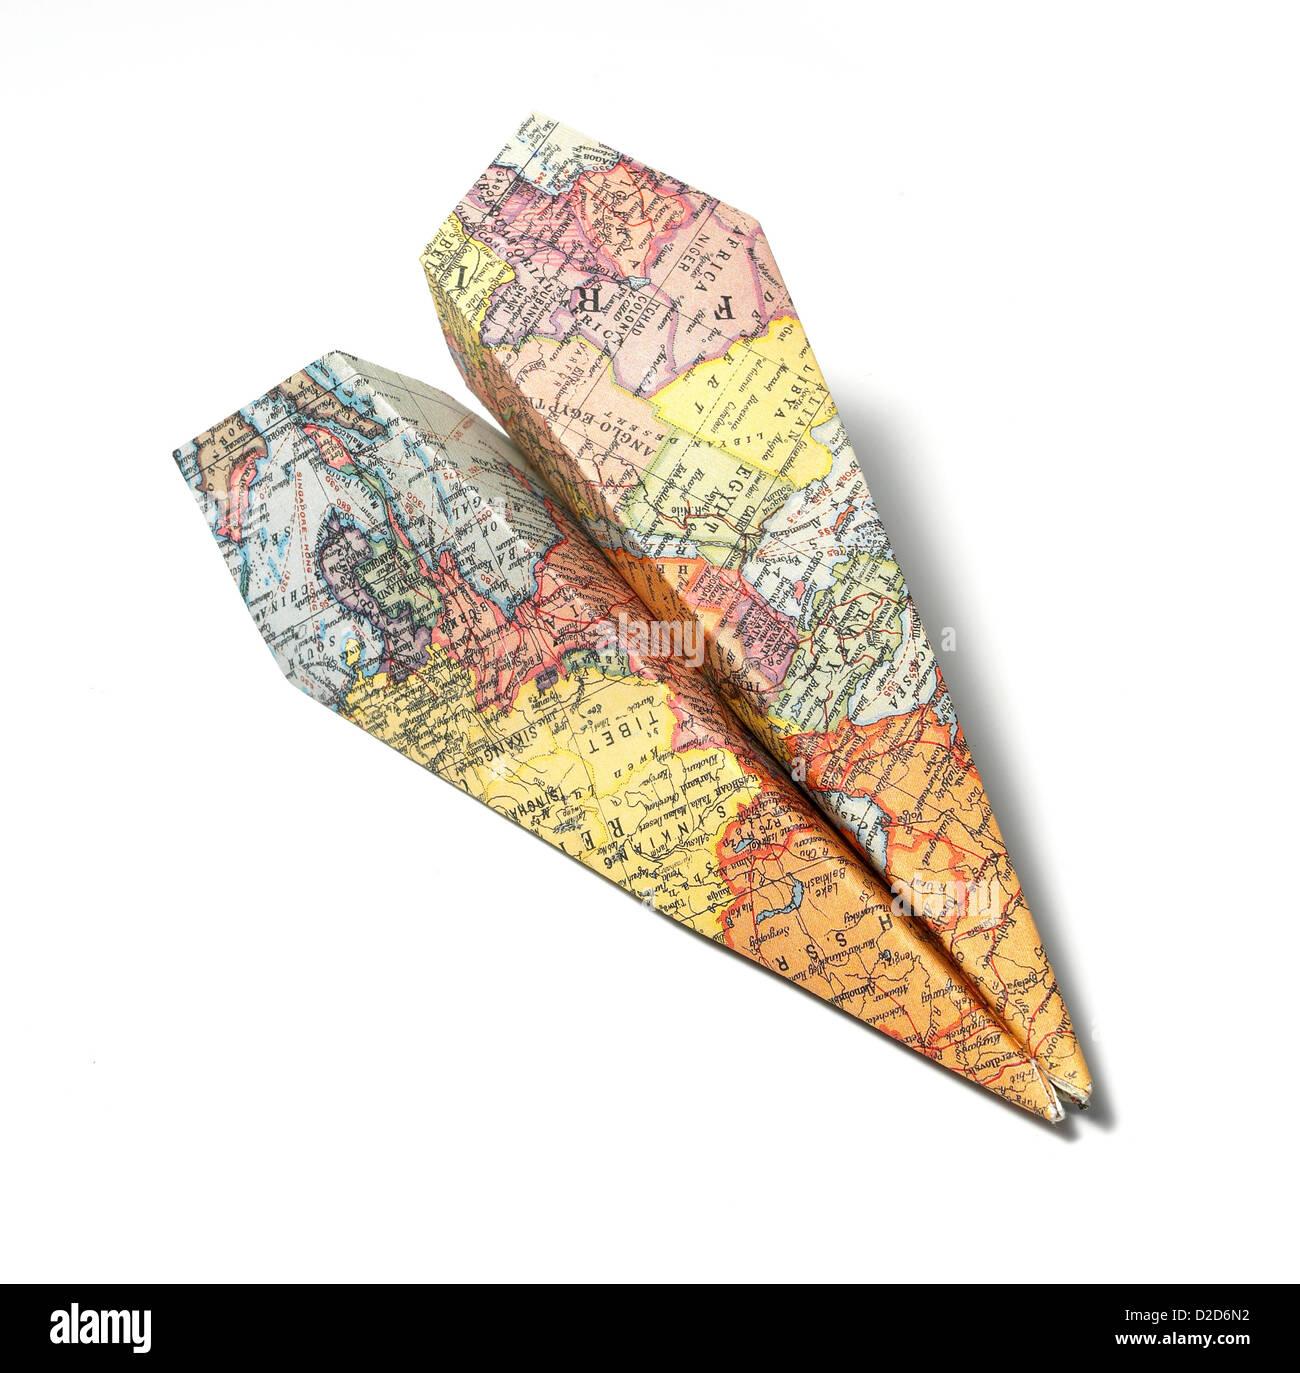 La carte pliée comme un avion en papier découpé fond blanc Photo Stock